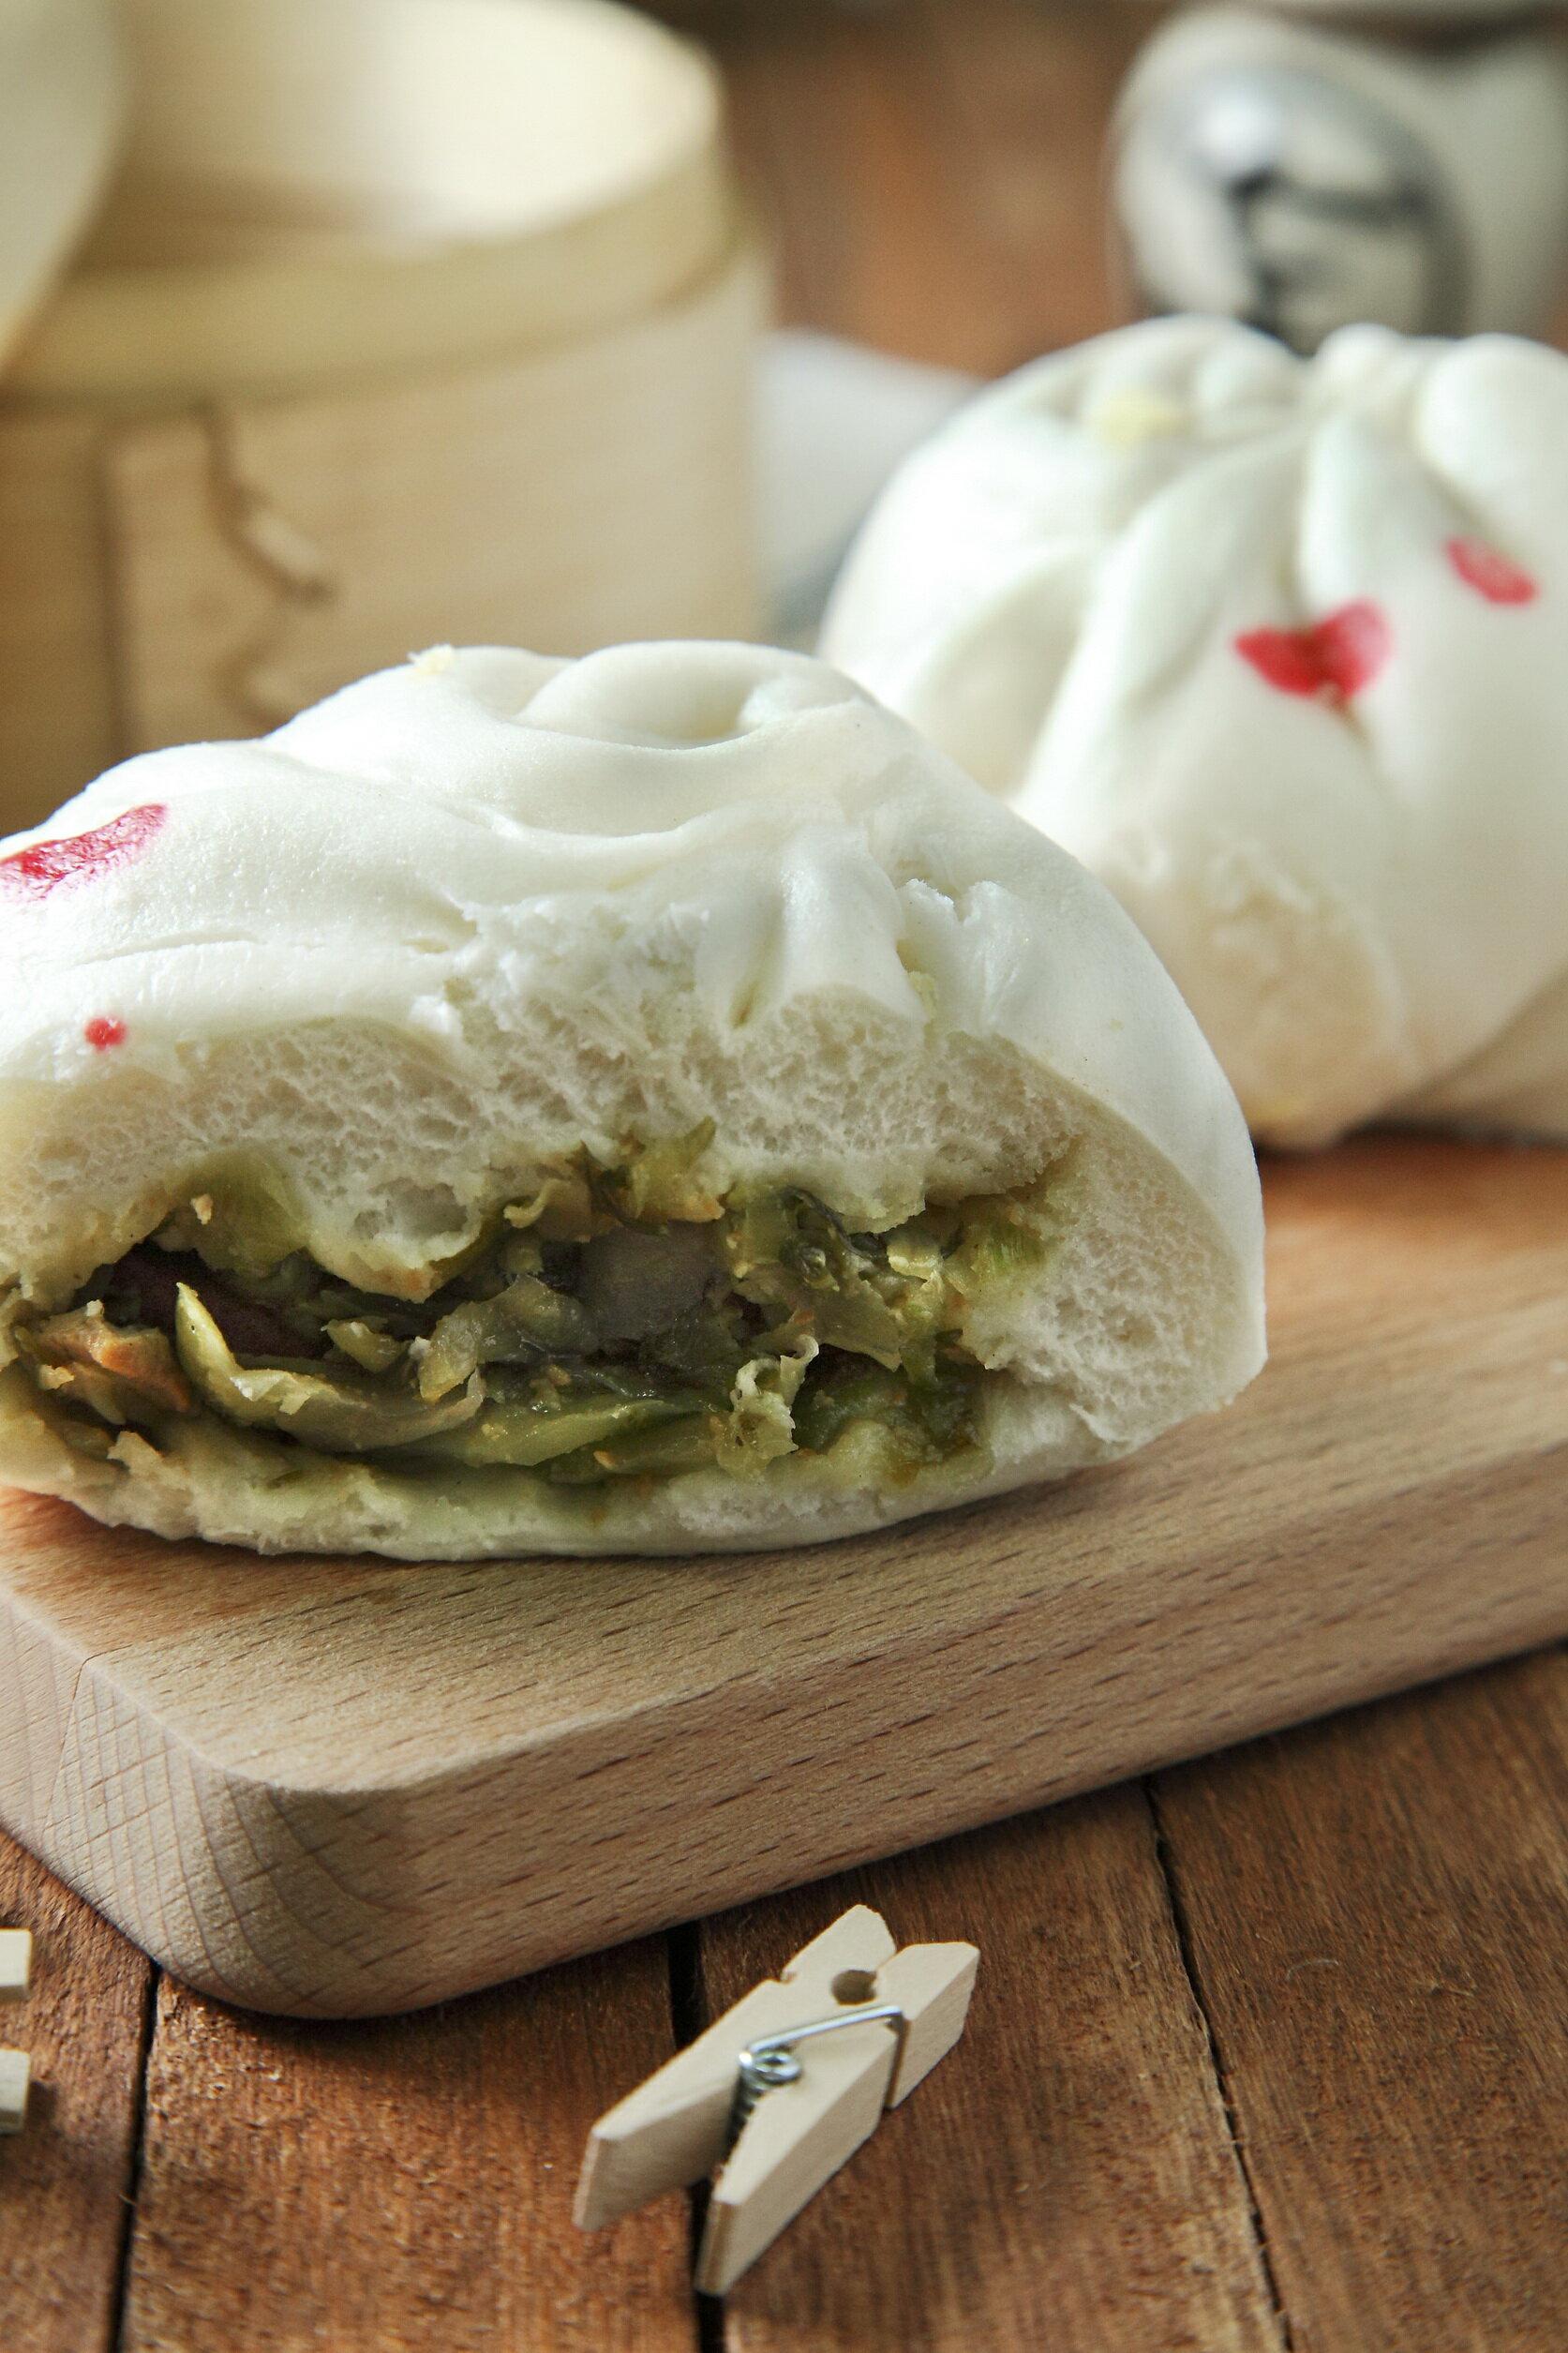 [ 愛上和平 Love&Peace] 純手工台灣酸菜包,嚴選台灣客家酸菜,在地四十年各大專業品牌客製,破例網路平價開賣,c/p值超高。